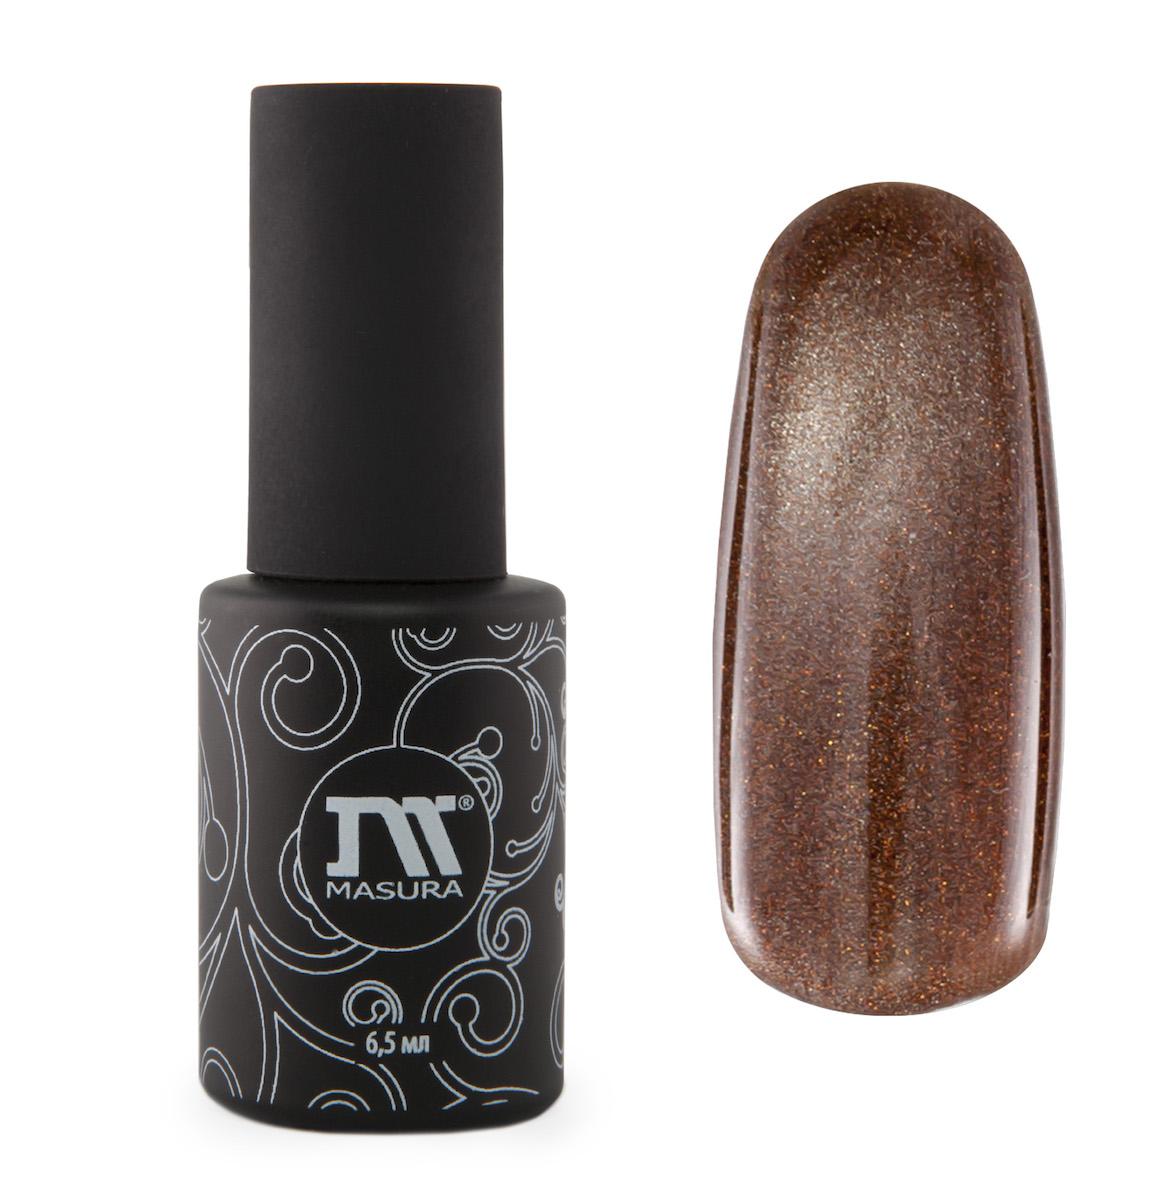 Masura Гель-лак Шапка Мономаха, 6,5 мл78118золотисто-коричневый с зеркальным переливом, с золотыми микроблестками, плотный